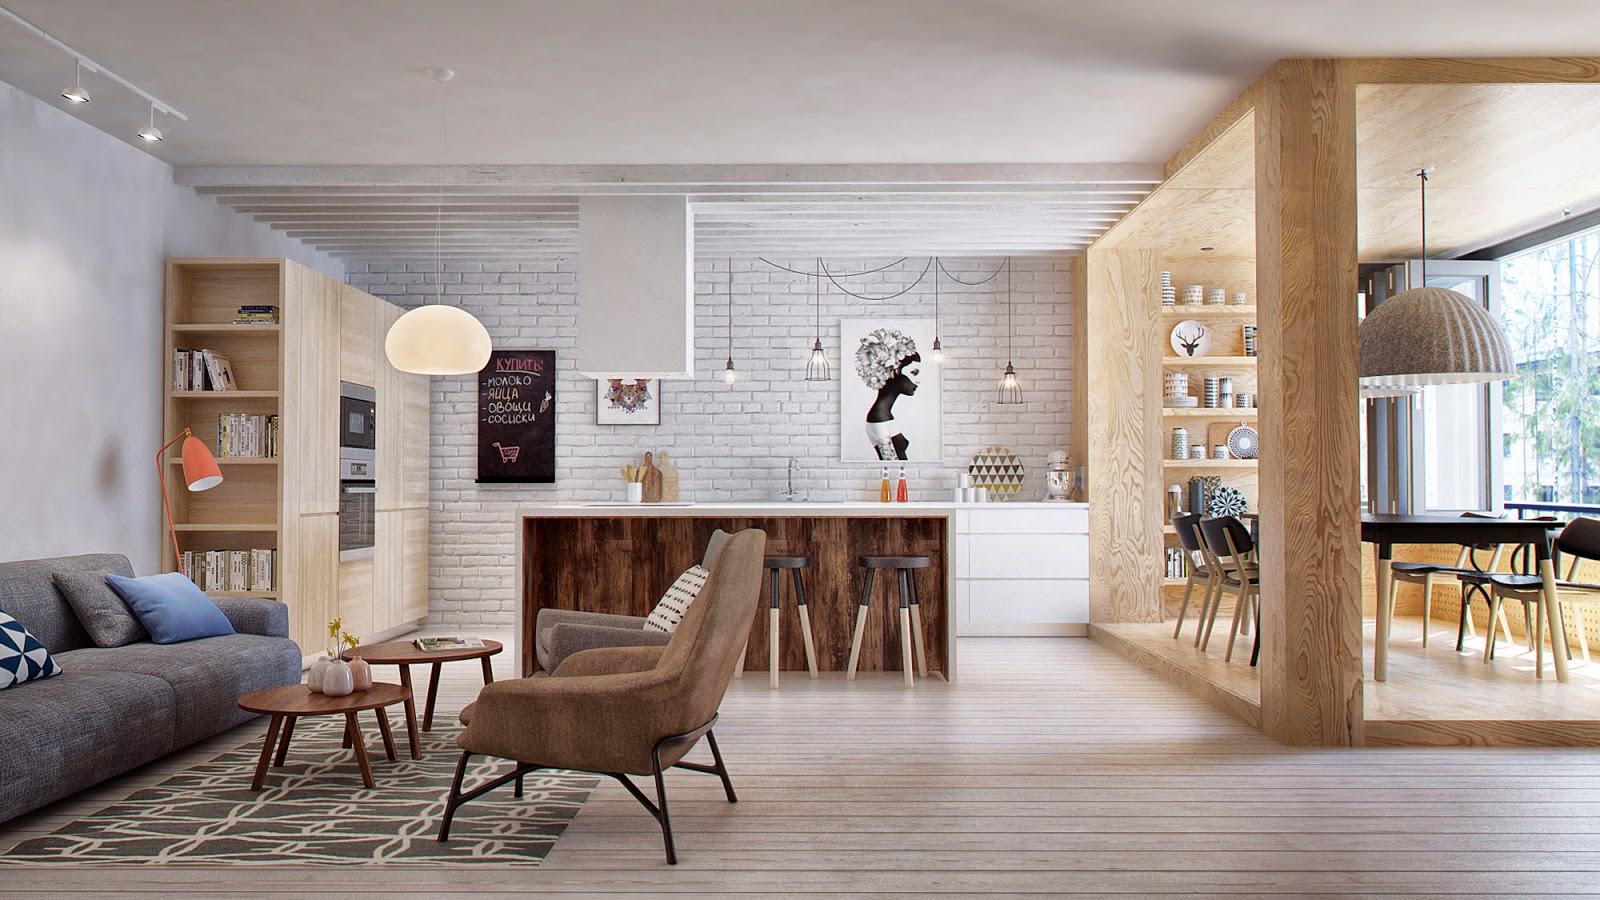 Conceito Aberto Cozinha E Sala Moderno E Prtico Por Que No Pensar  -> Fotos De Cozinha Conceito Aberto